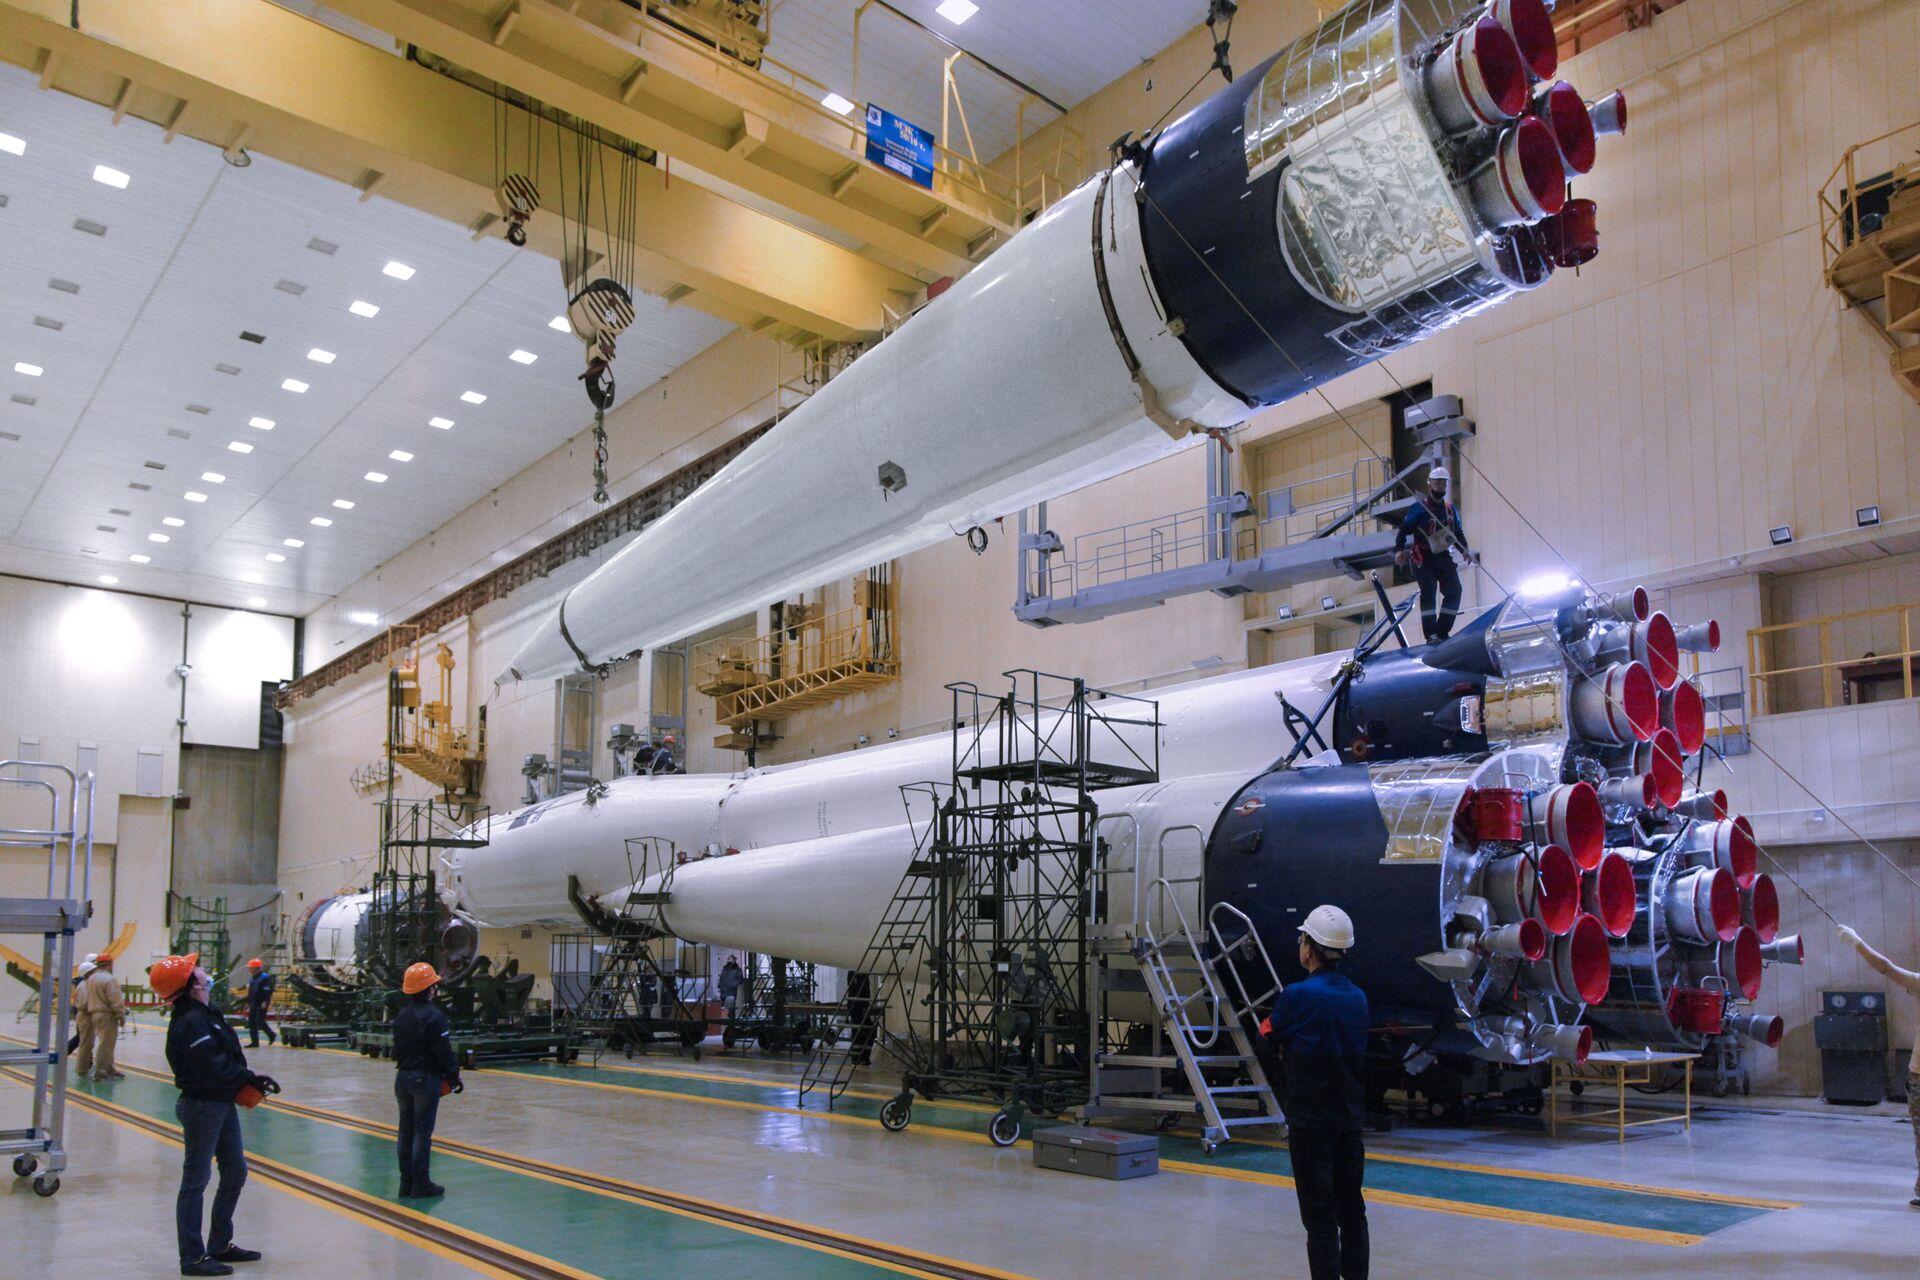 Tên lửa Soyuz thay đổi thiết kế lần đầu tiên sau nửa thế kỷ - Sputnik Việt Nam, 1920, 13.03.2021